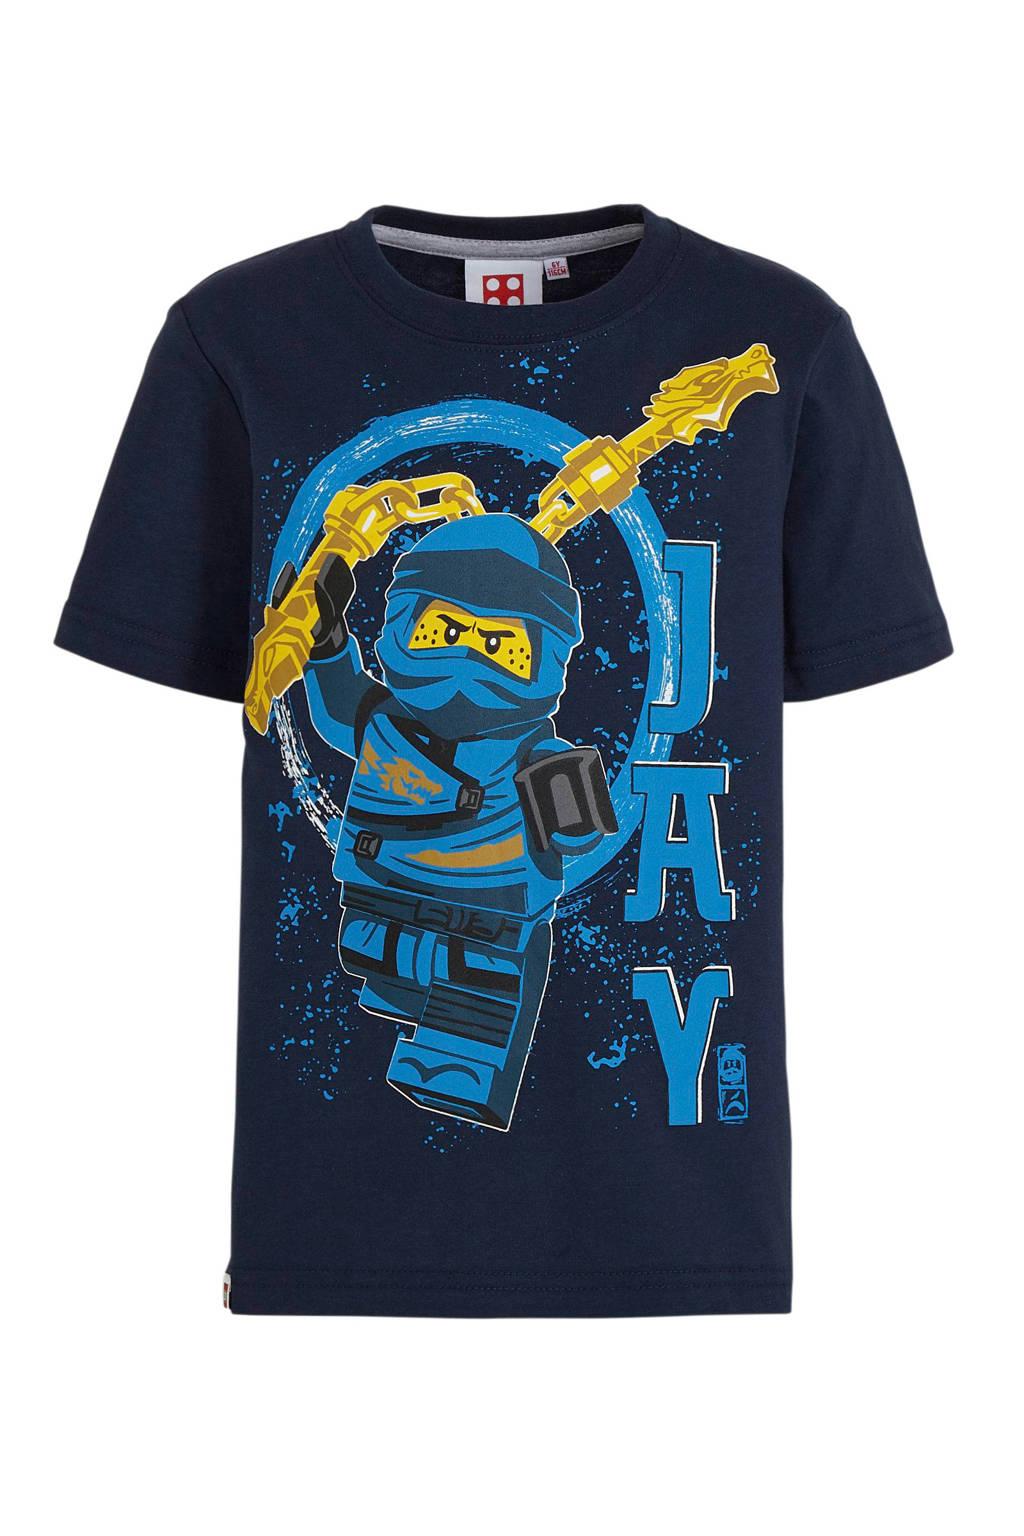 LEGO Ninjago T-shirt donkerblauw/geel, Donkerblauw/geel